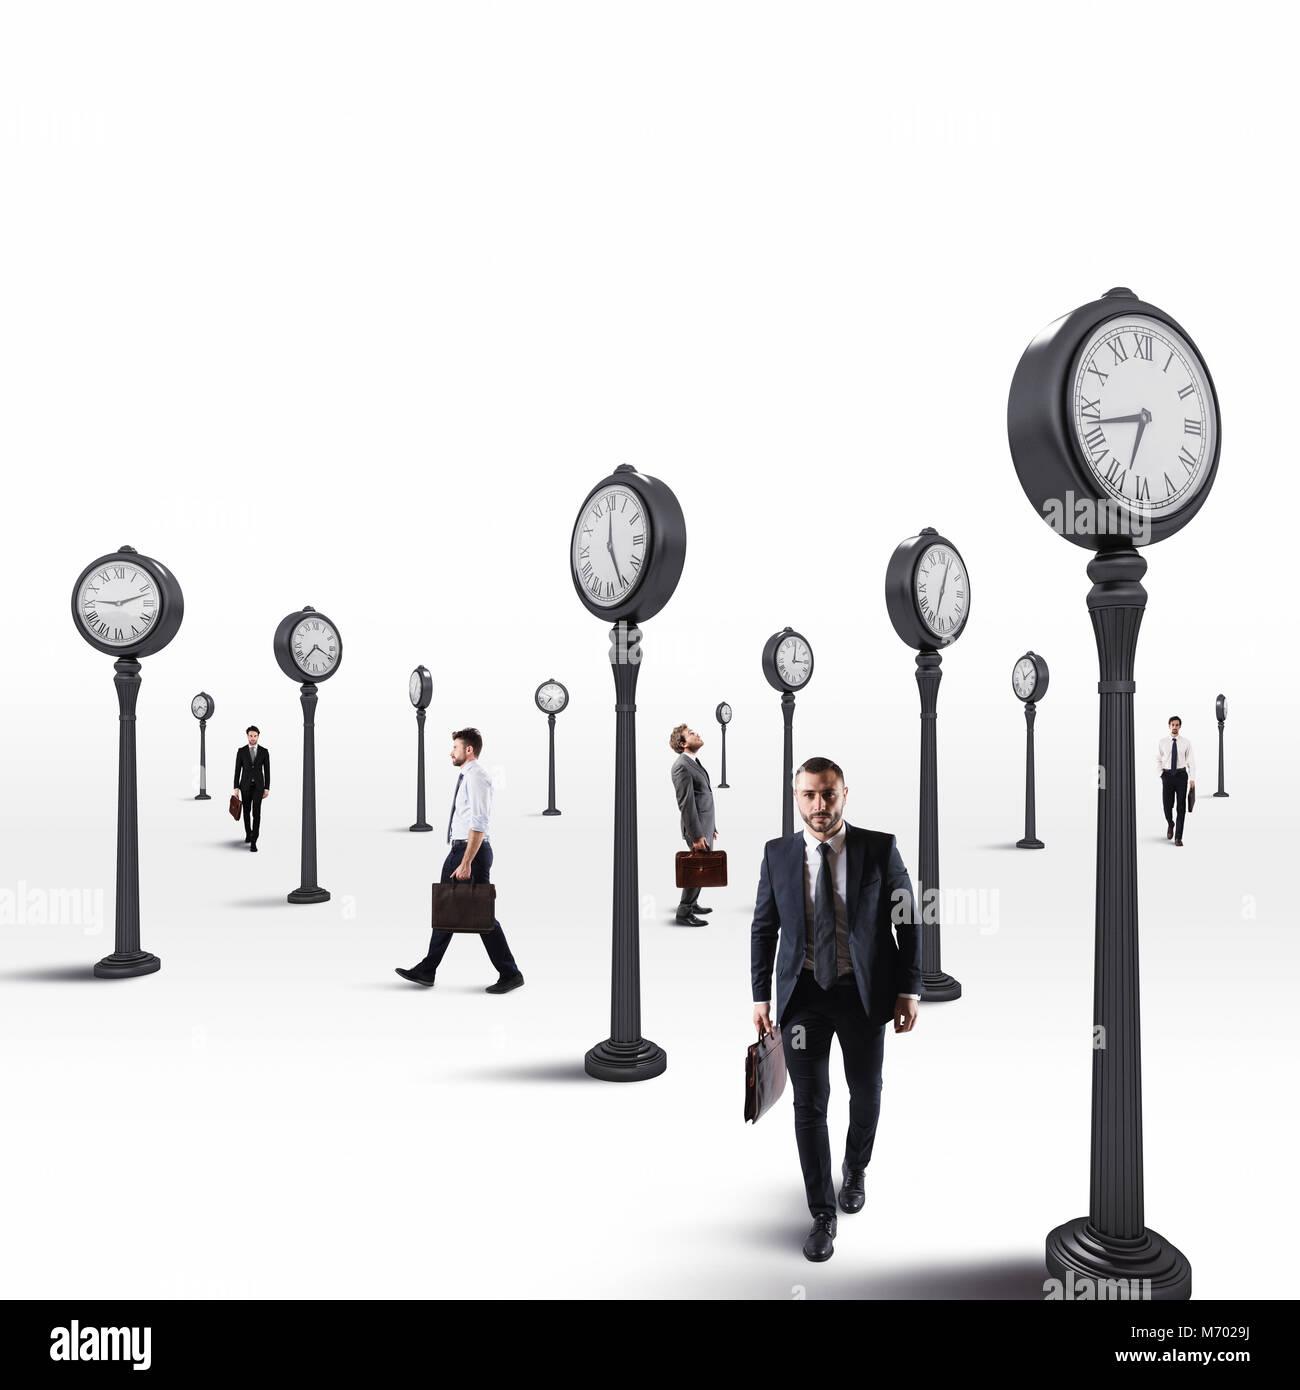 Los hombres de negocios siempre hay que mantener un ojo en el reloj. 3D Rendering Imagen De Stock